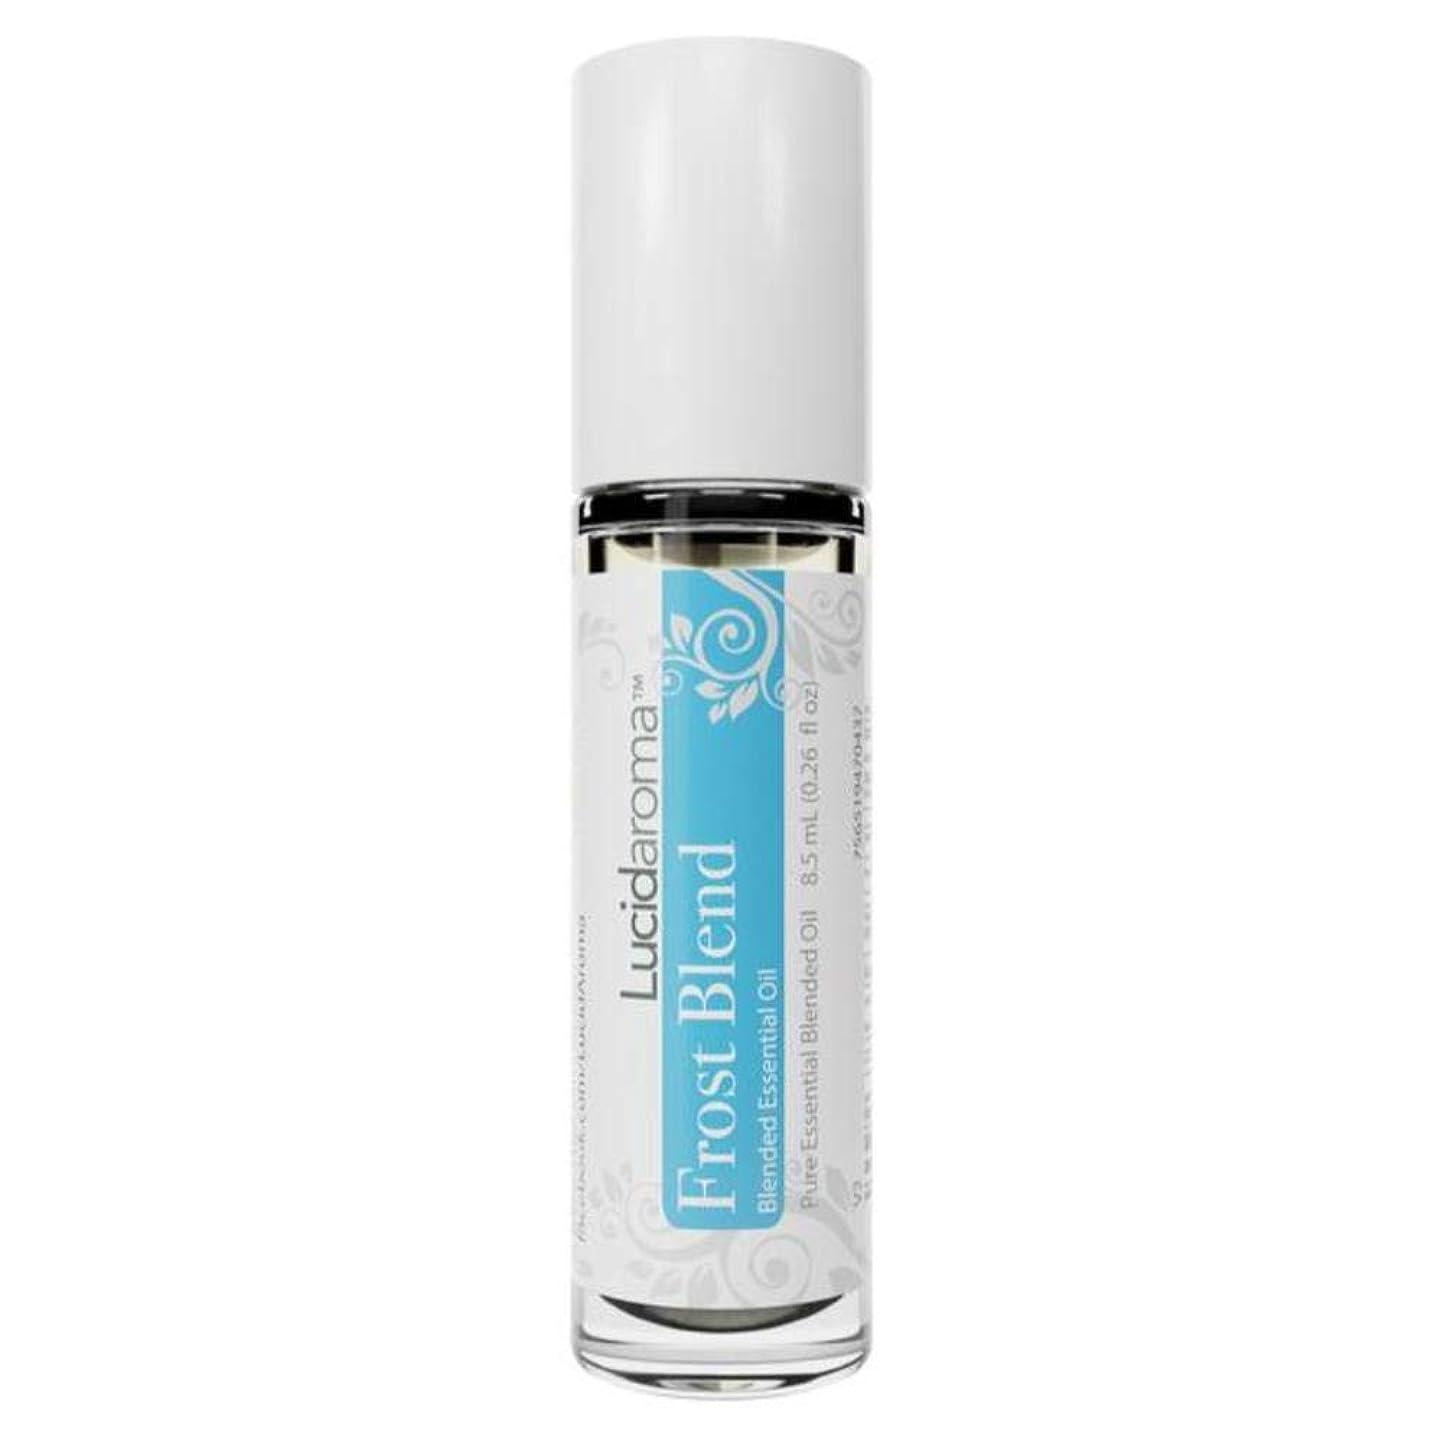 不潔ローブ遠近法Lucid Aroma Frost Blend フロスト ブレンド ロールオン アロマオイル 8.5mL (塗るアロマ) 100%天然 携帯便利 ピュア エッセンシャル アメリカ製